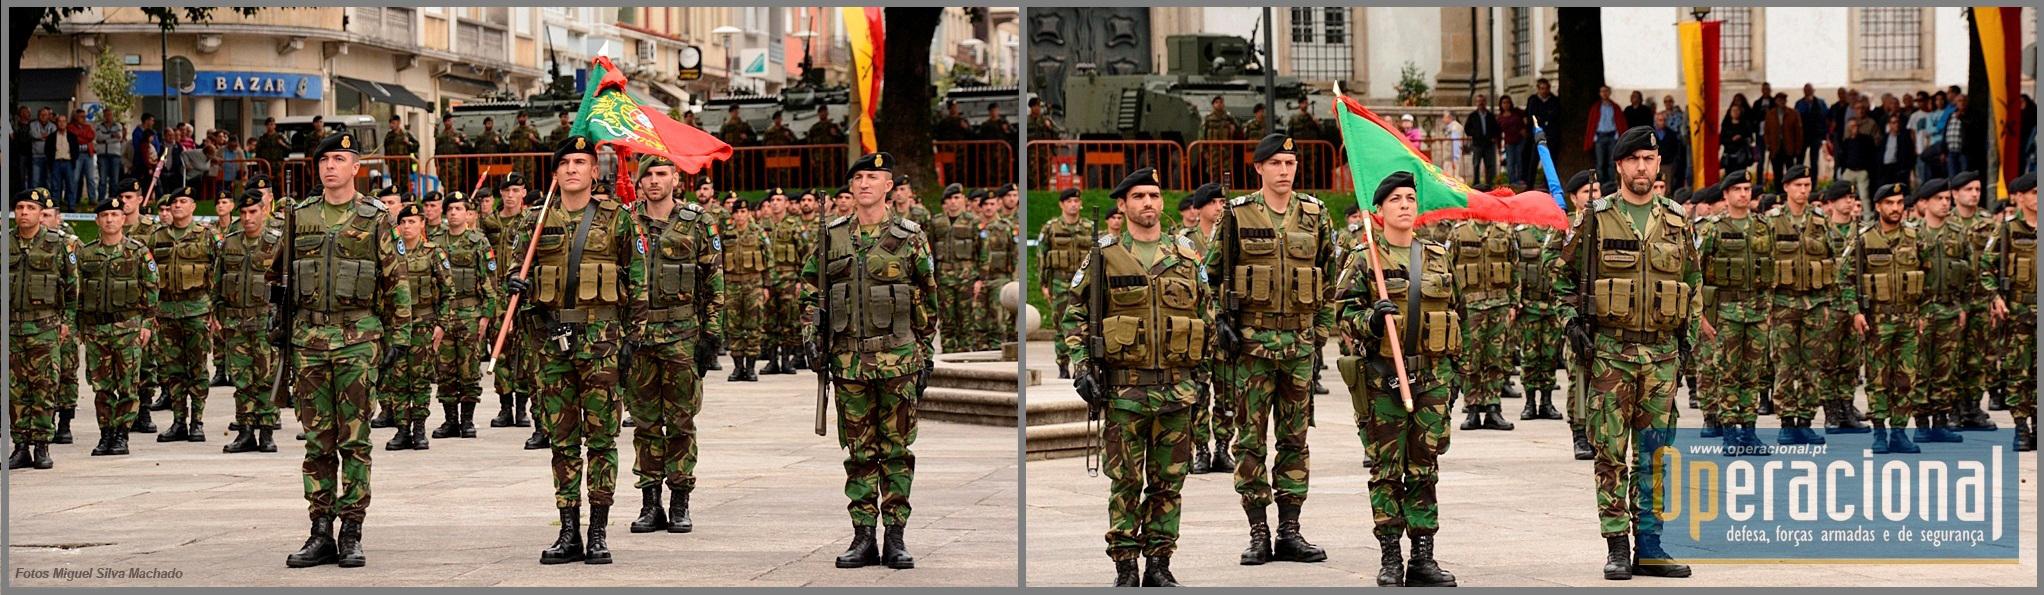 Os Estandartes Nacionais das duas Forças Nacionais Destacadas, durante o treino para a sua derradeira cerimónia militar.